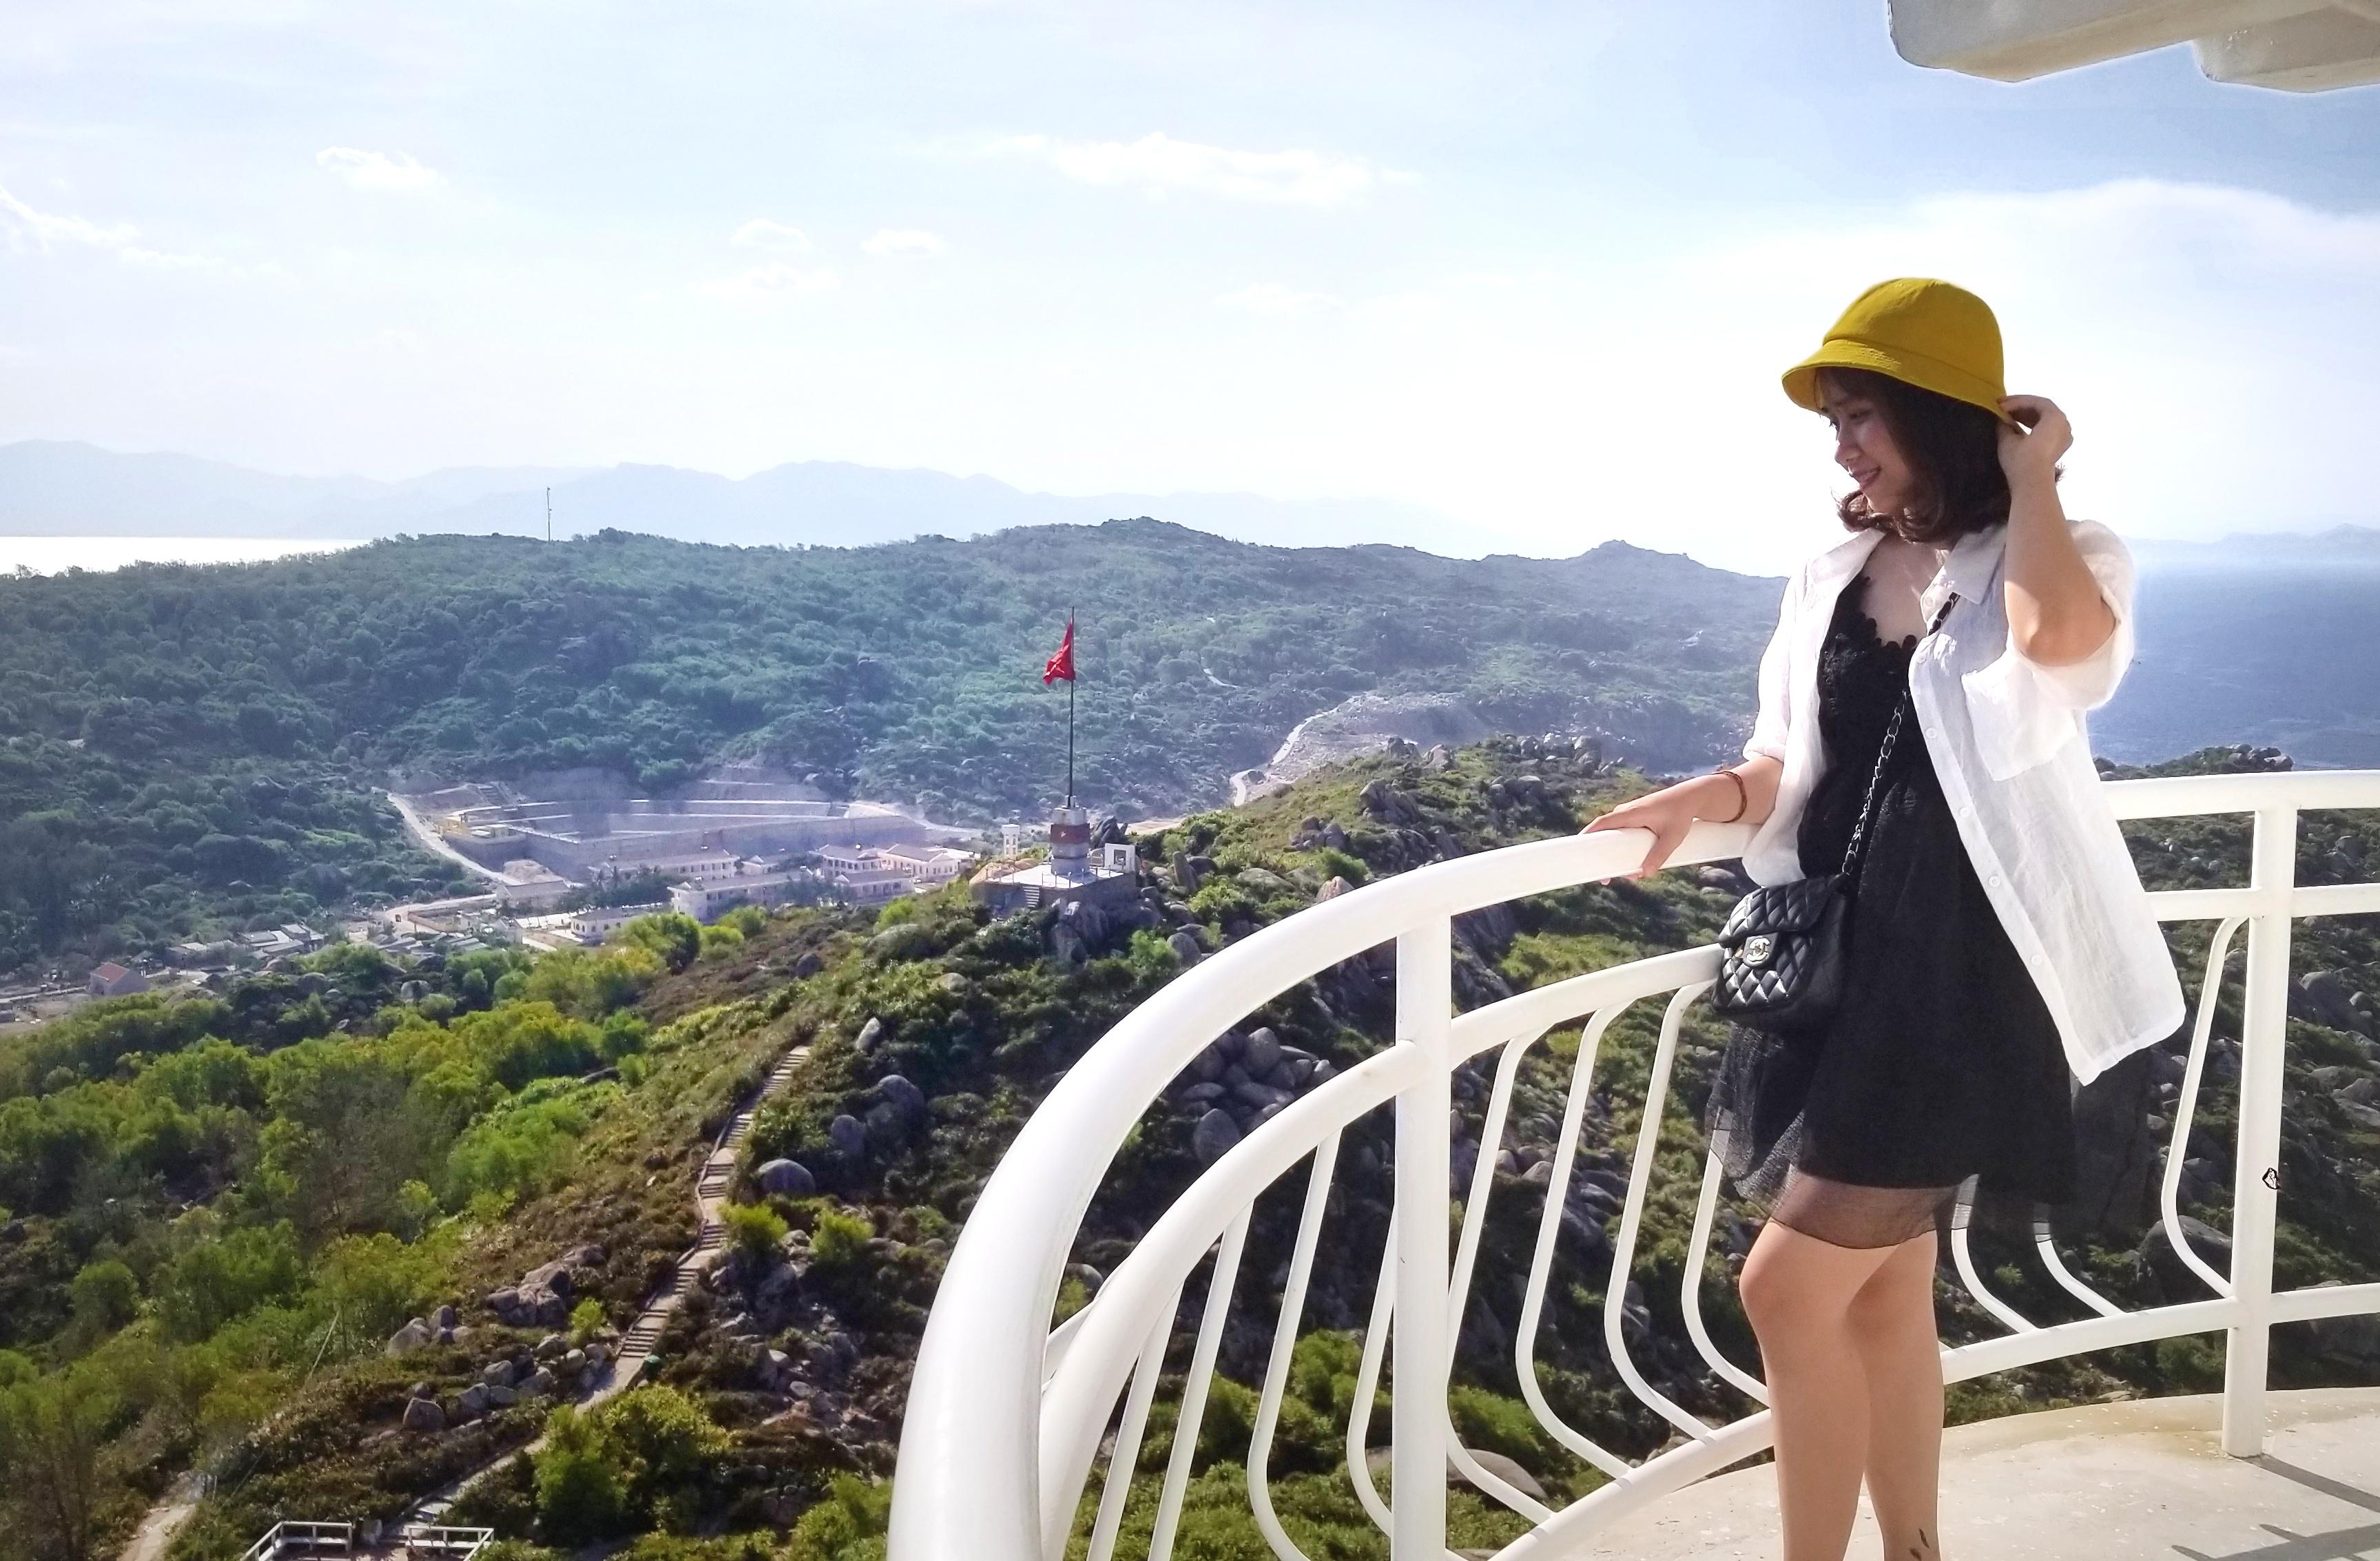 Du khách chụp hình trên đỉnh ngọn hải đăng Cù Lao Xanh